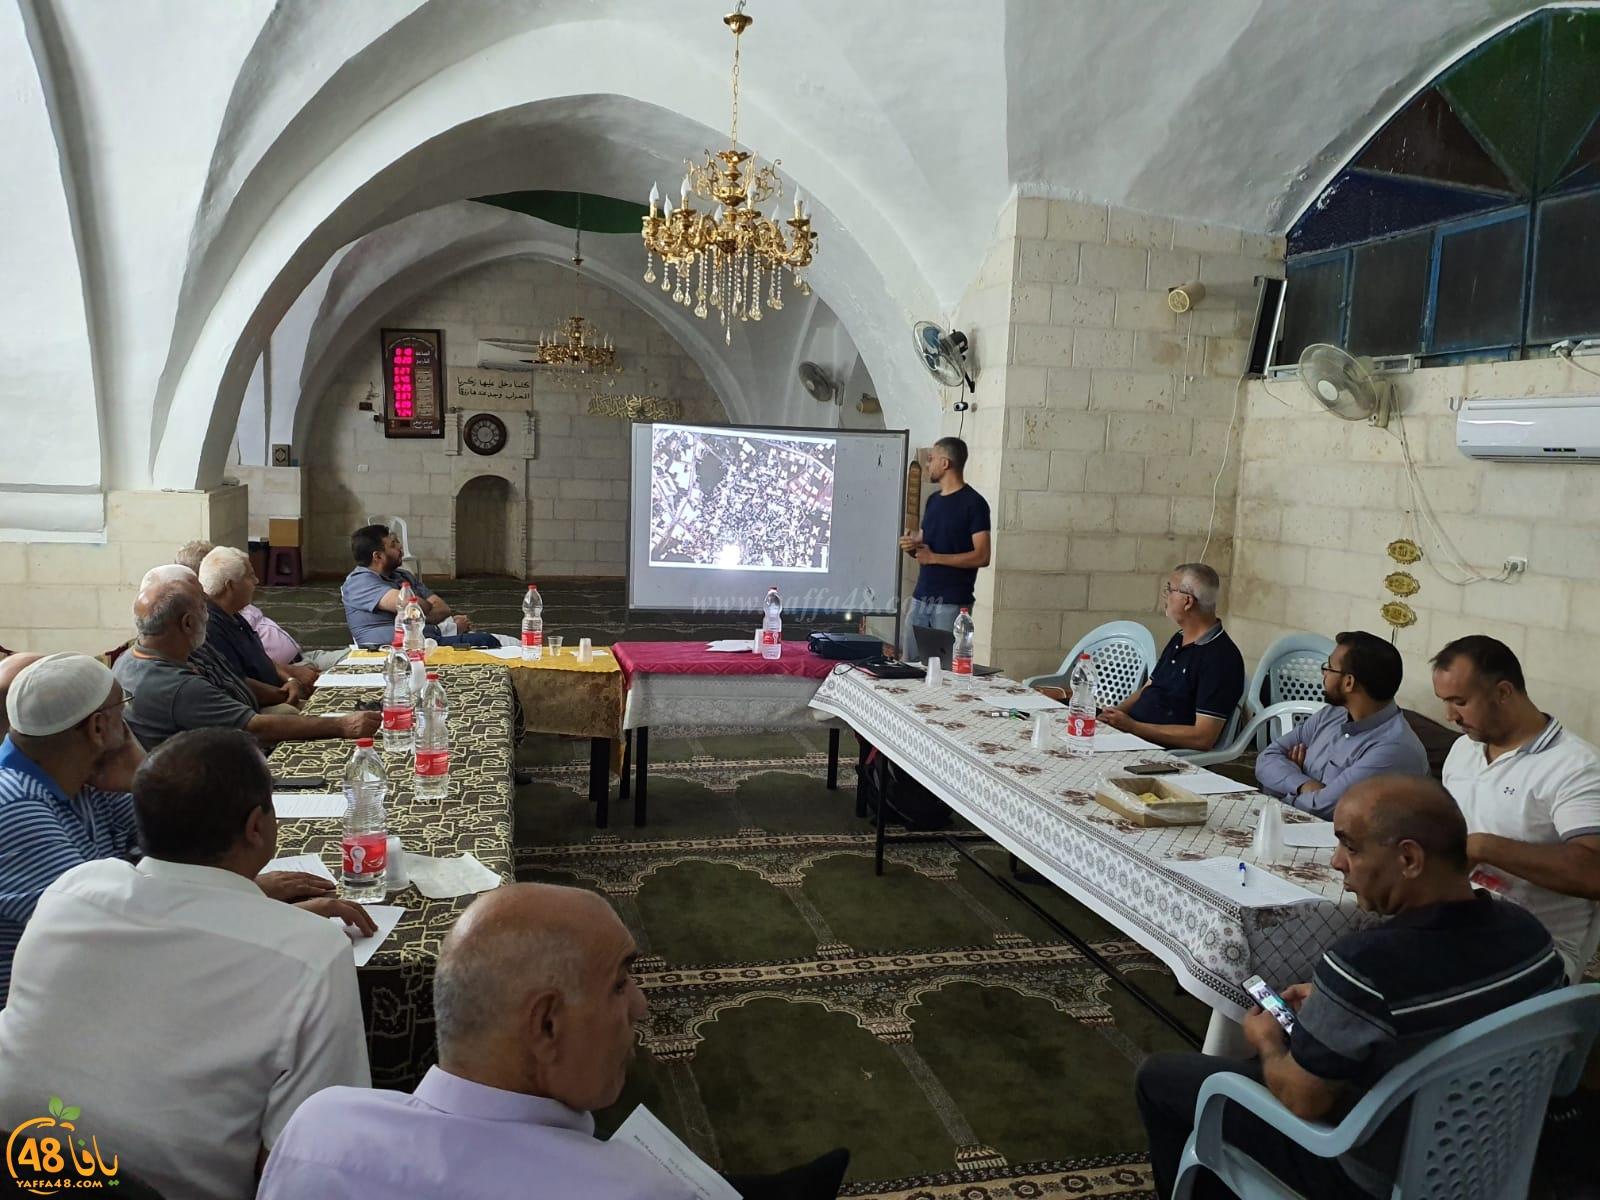 بالصور: اجتماع ومحاضرة في اللد تمهيداً لاطلاق معسكر للحفاظ على المقدسات